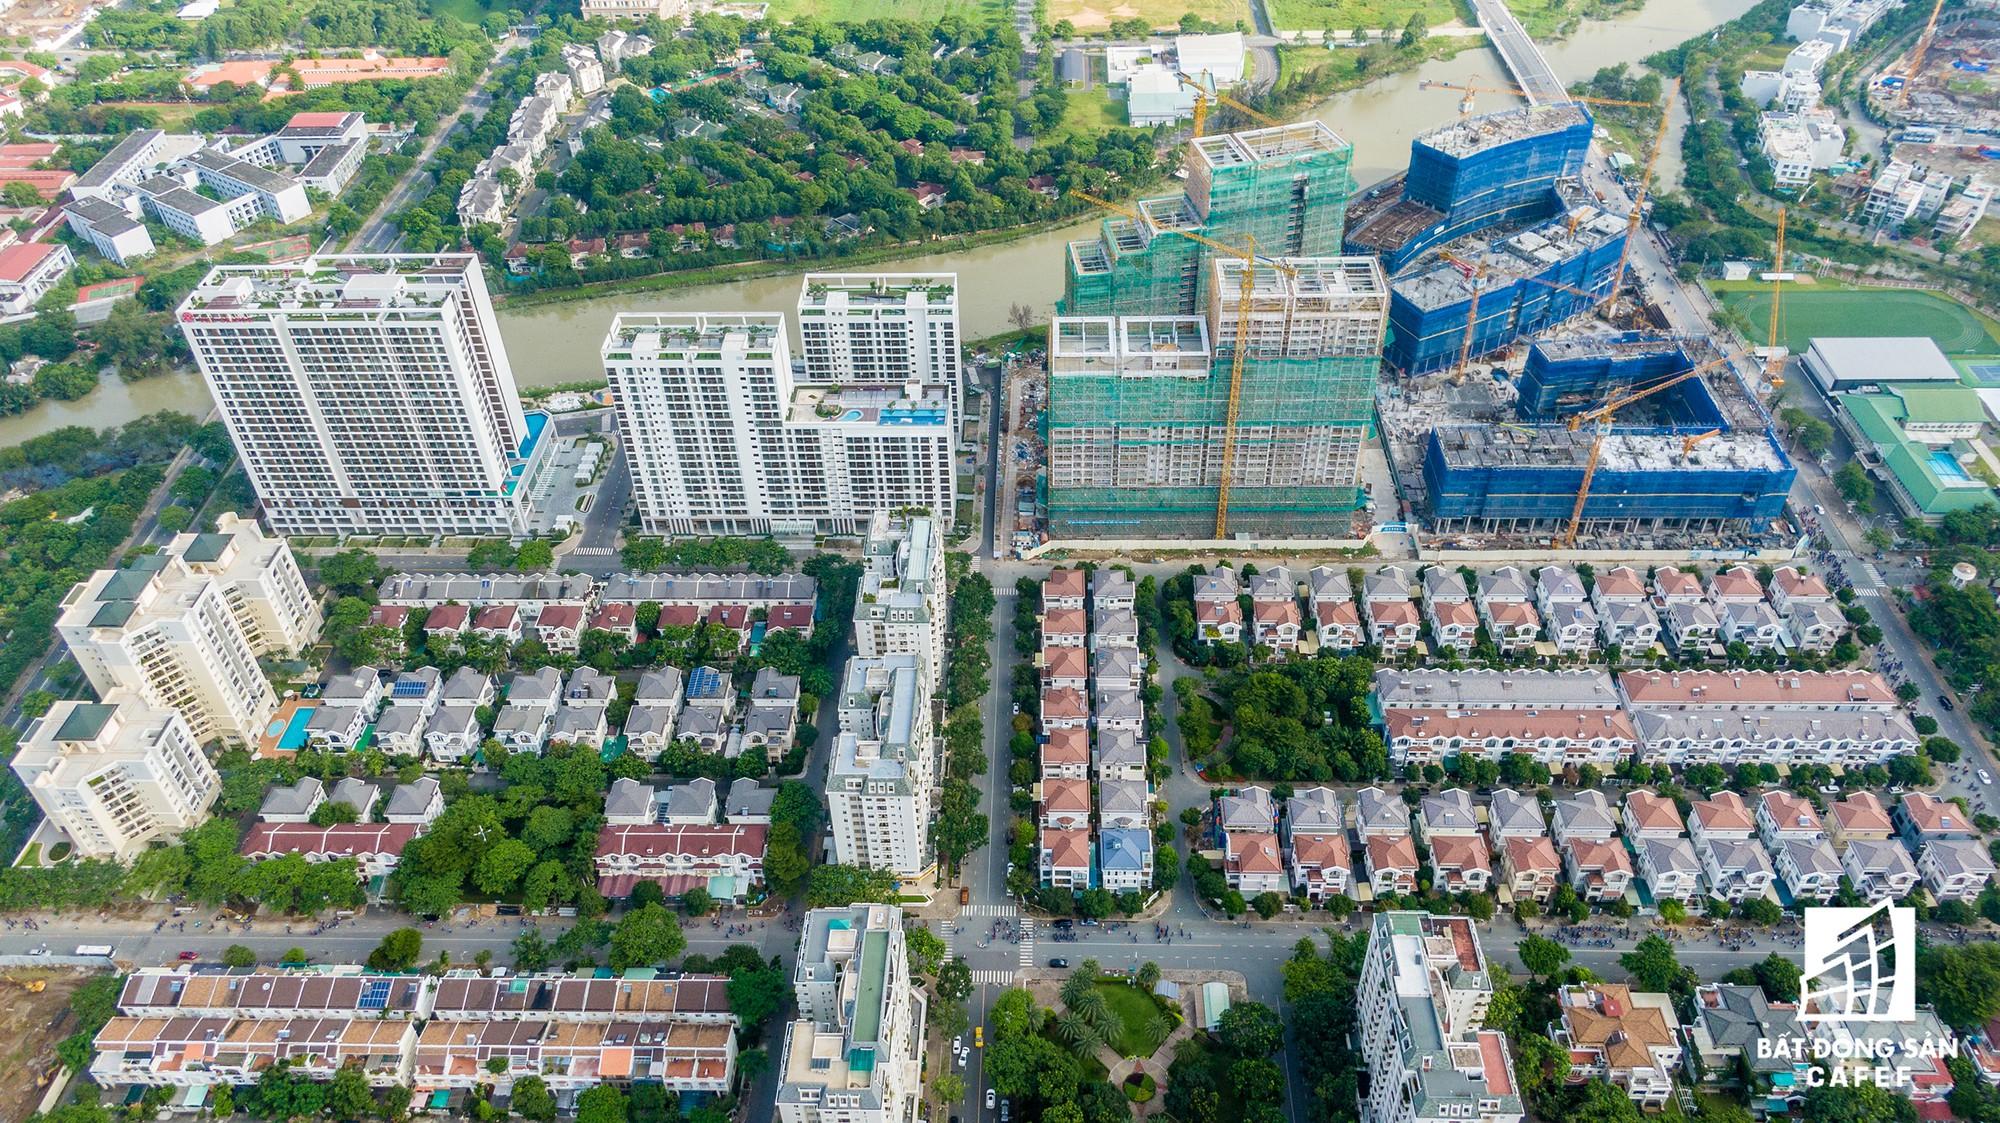 Có một trung tâm tài chính tại khu Nam Sài Gòn - Nơi giá nhà tăng chóng mặt - Ảnh 7.